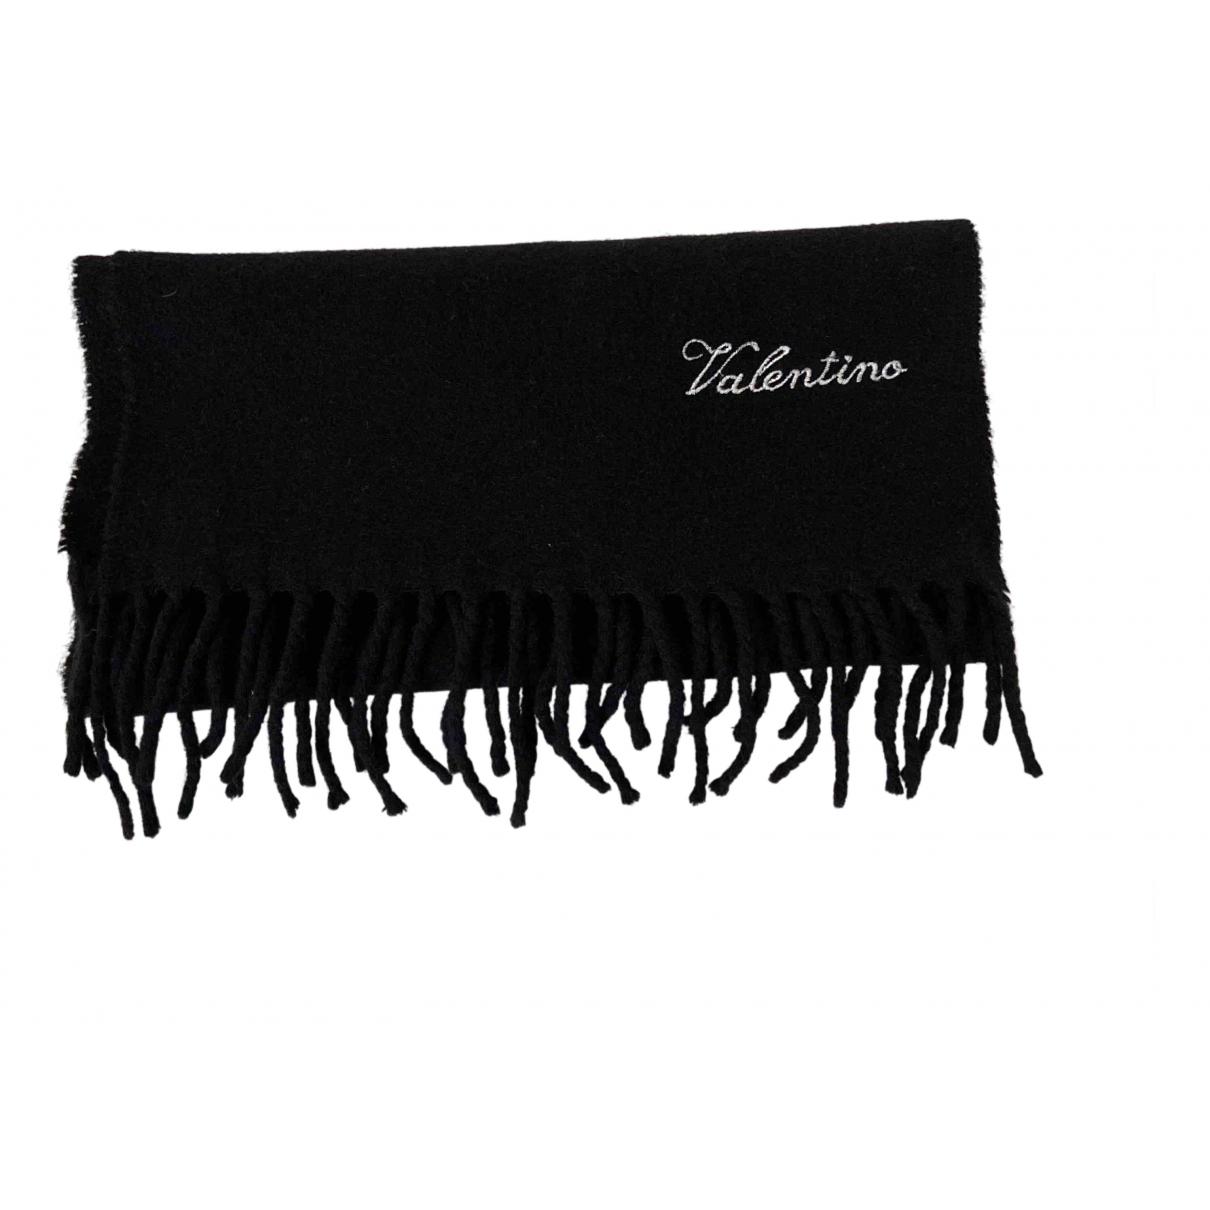 Valentino Garavani - Cheches.Echarpes   pour homme en laine - noir